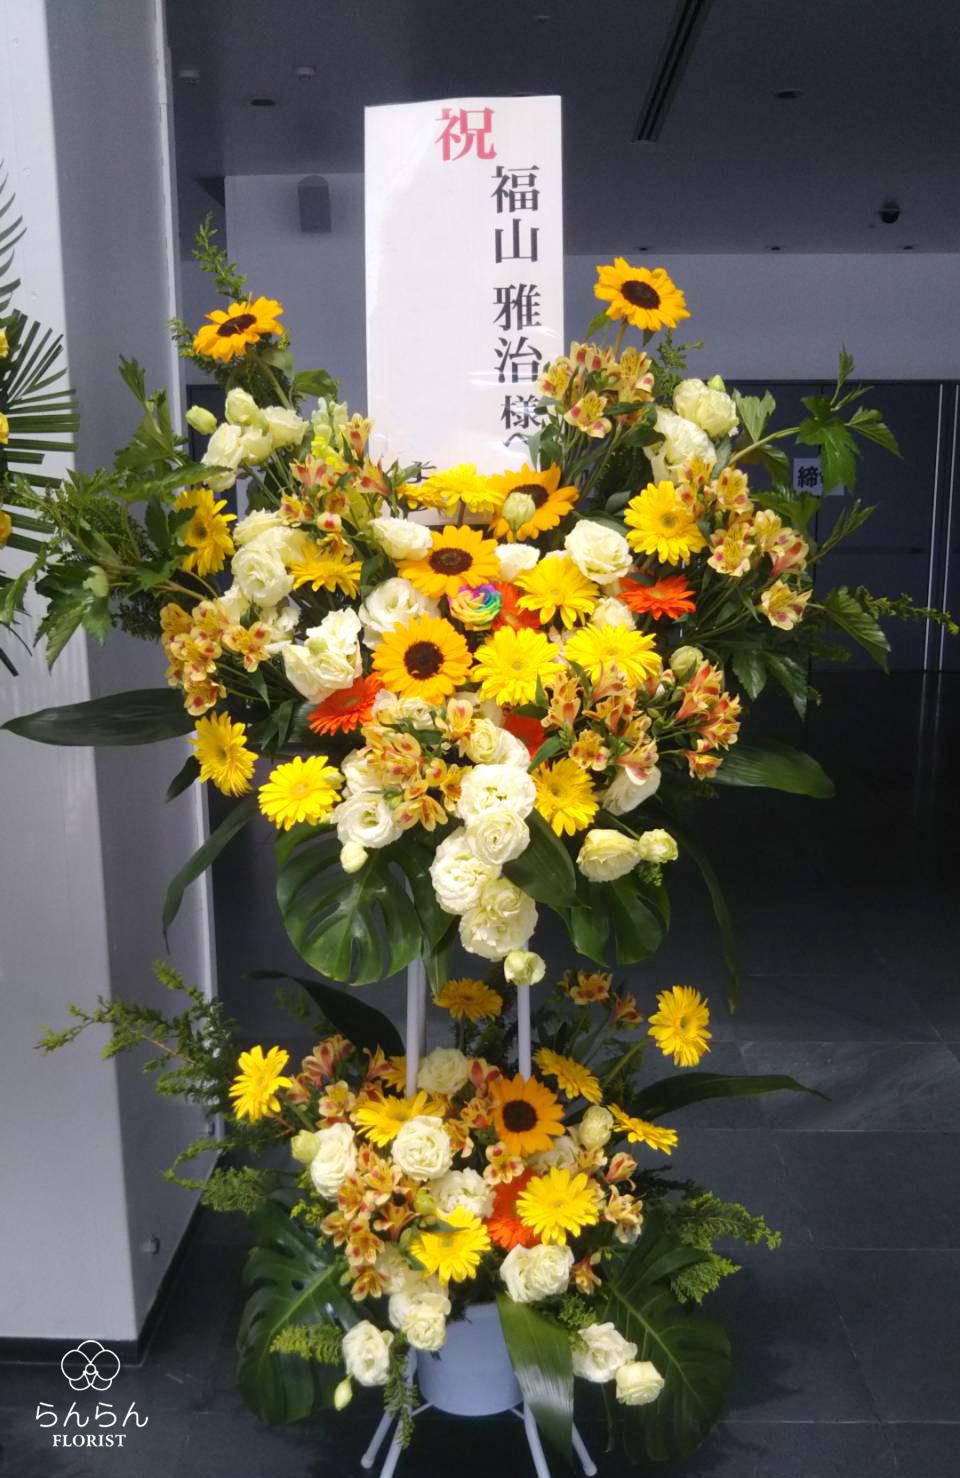 福山雅治 お祝いスタンド花